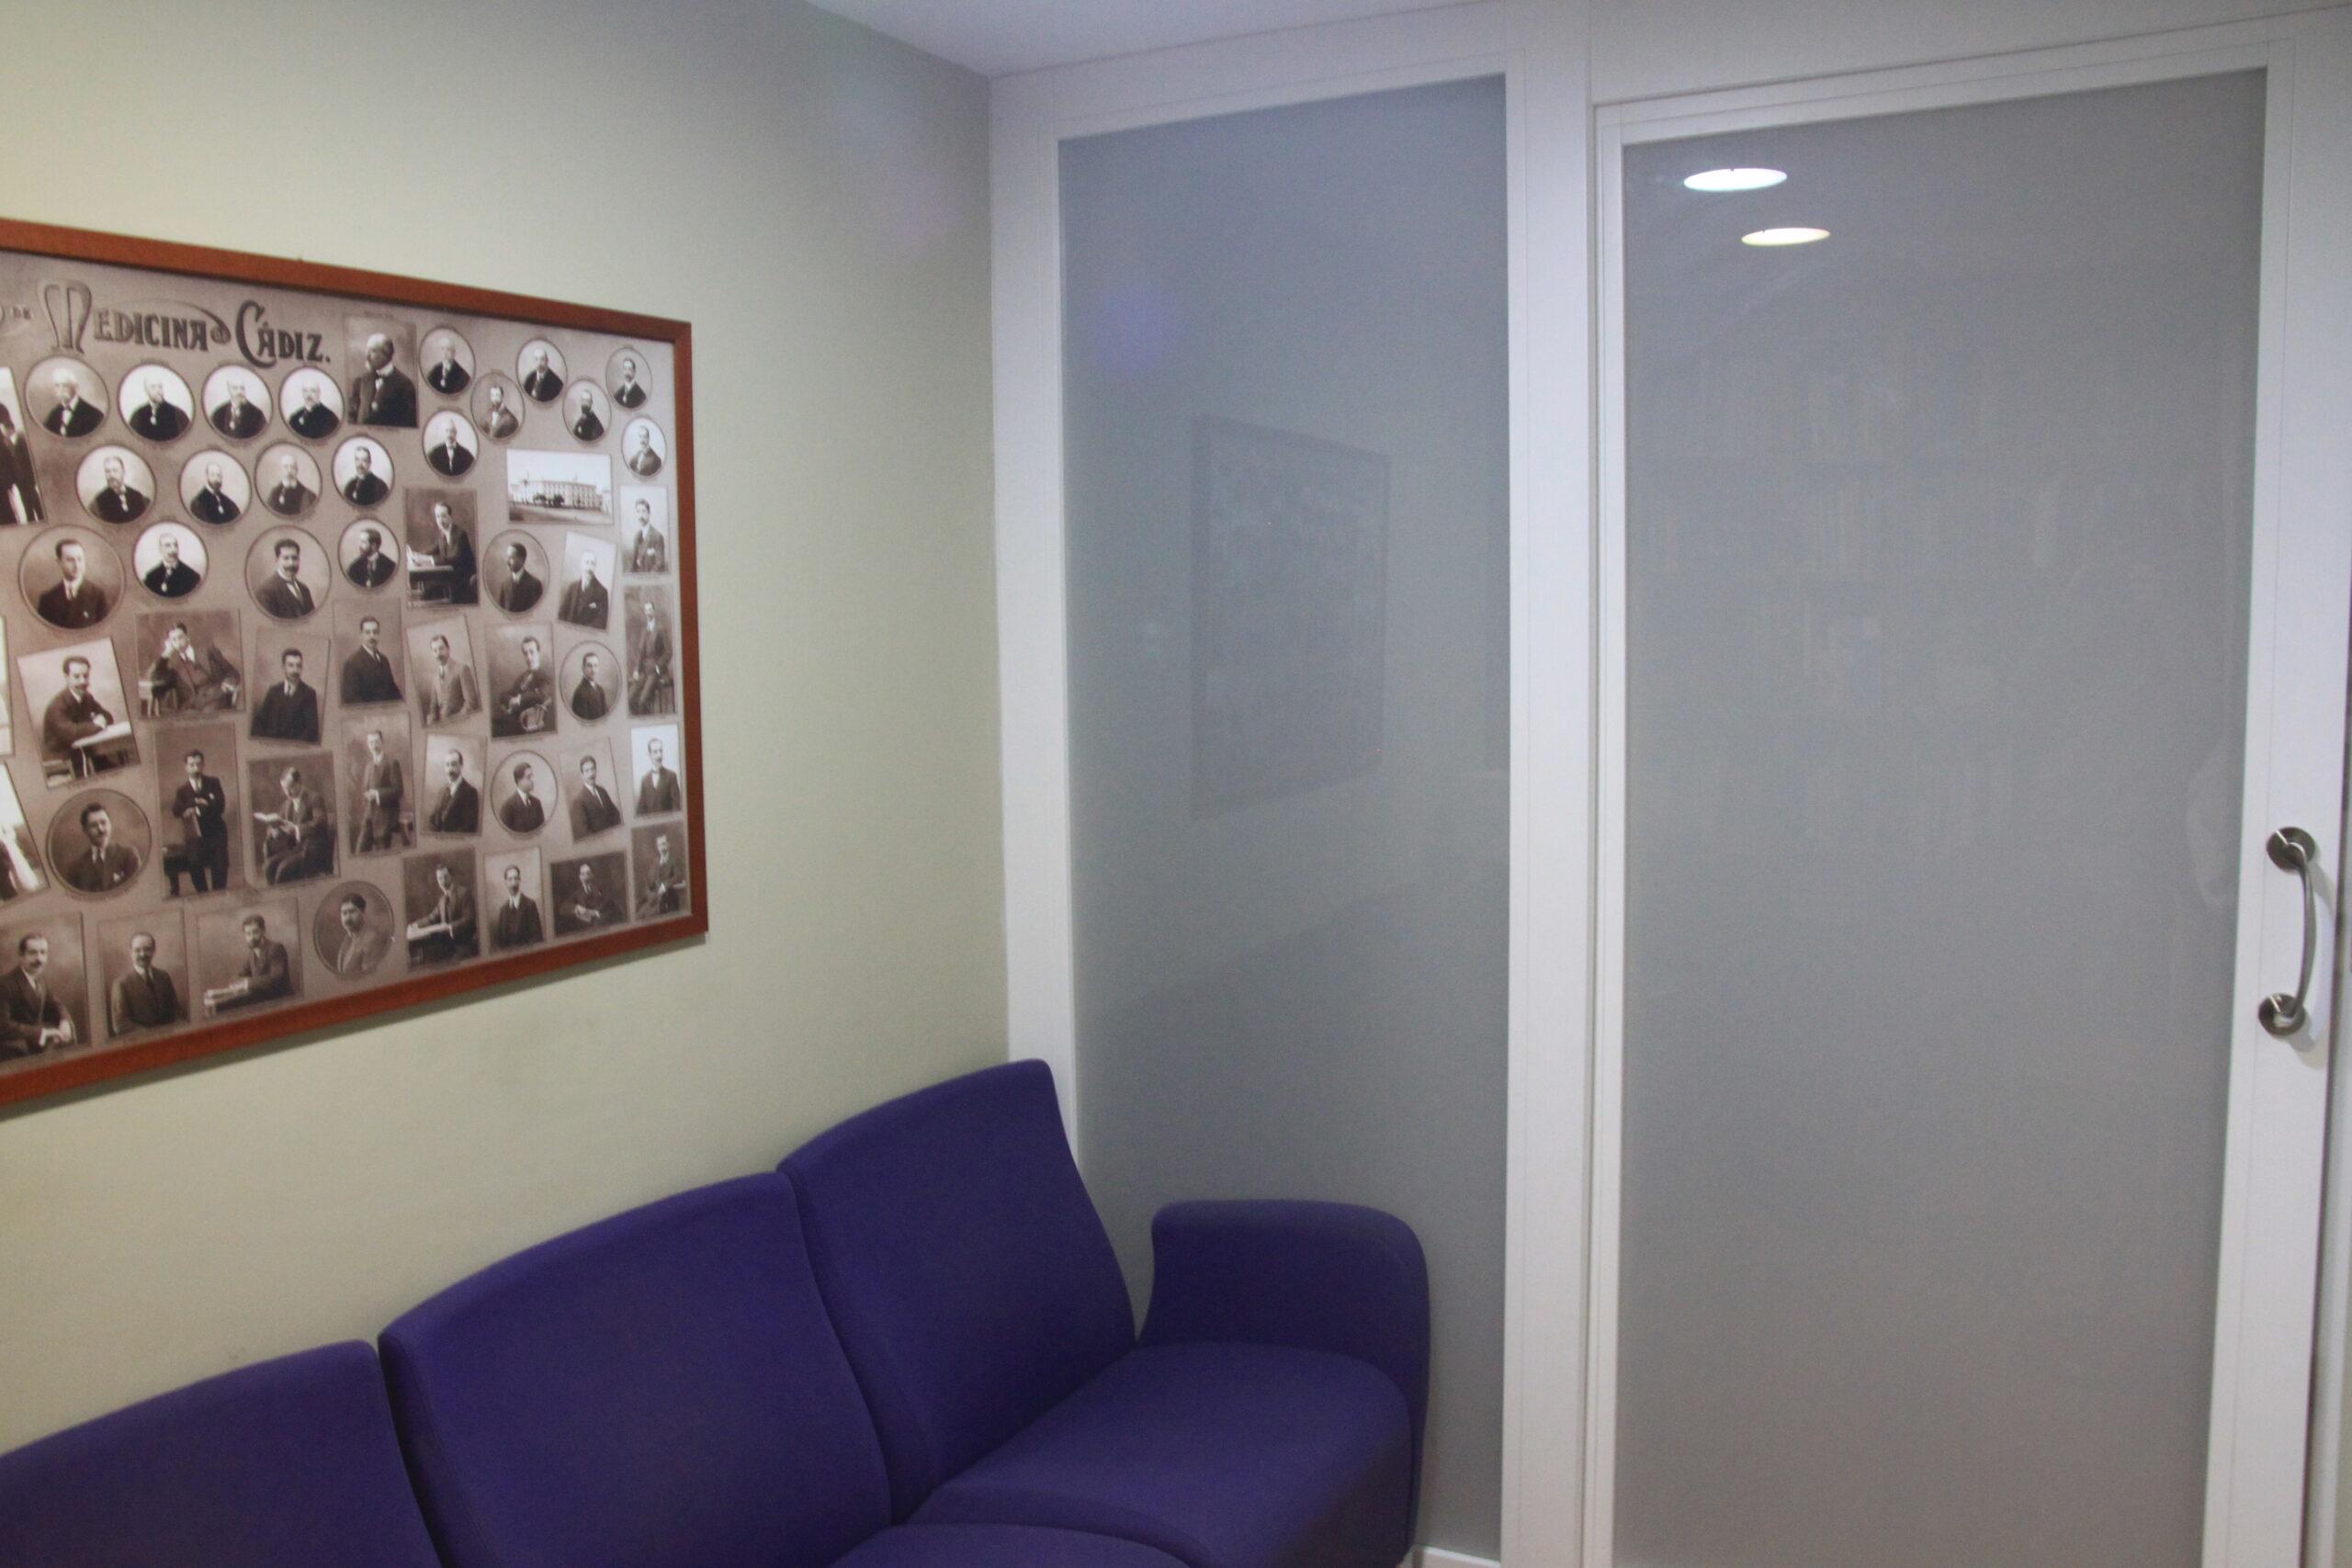 Segunda sala de espera